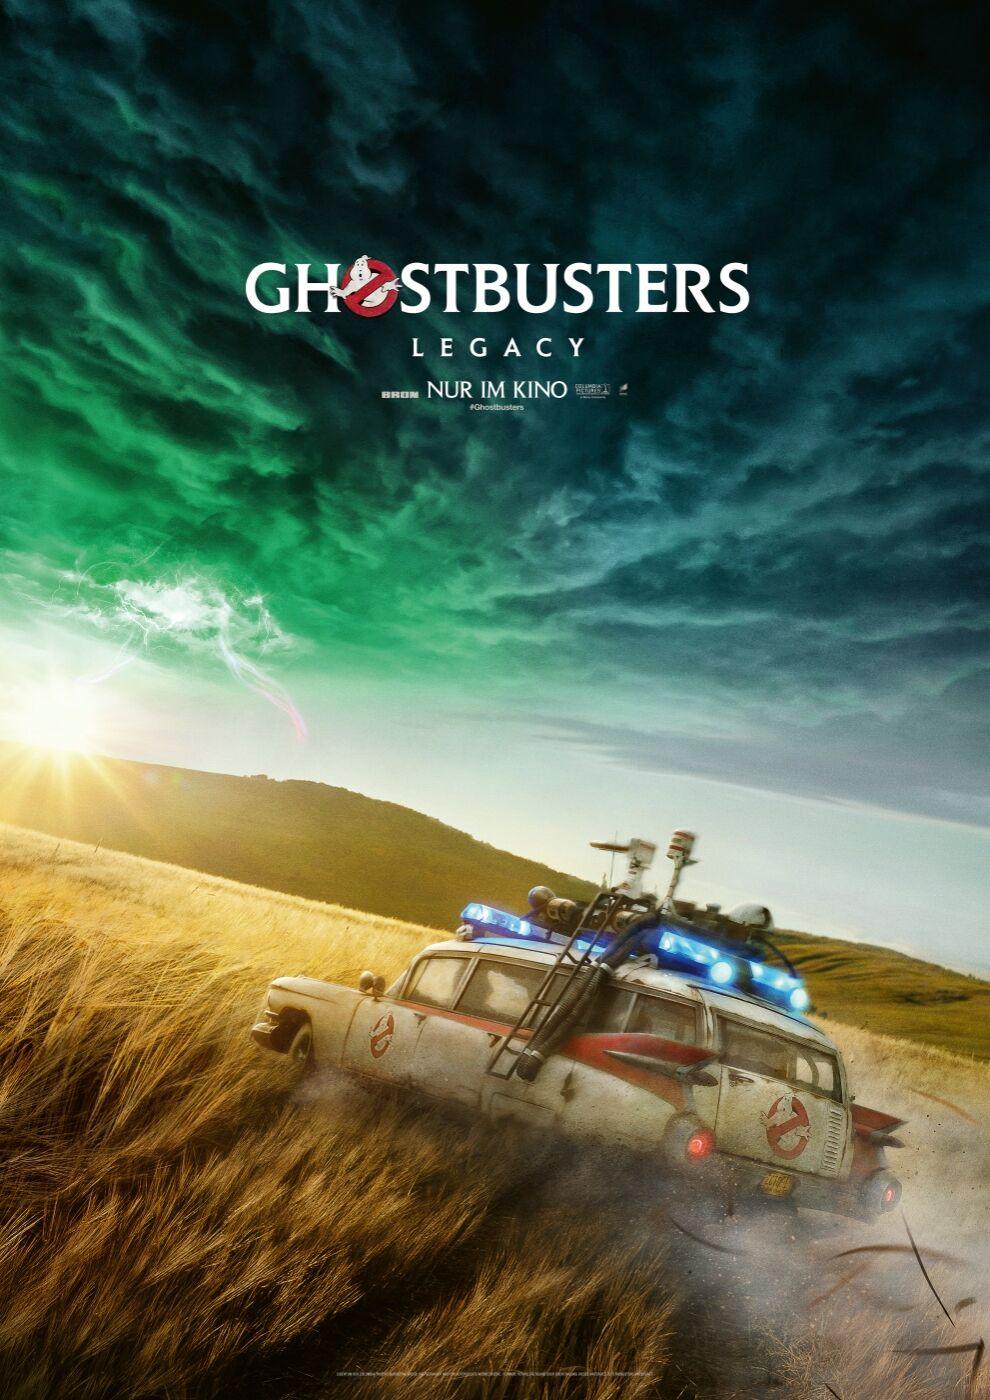 Das Kinoplakat zu Ghostbusters: Legacy zeigt den Ecto 1 über eine Feld driften während sich am Horizont ein grünes Gewitter zusammenbraut